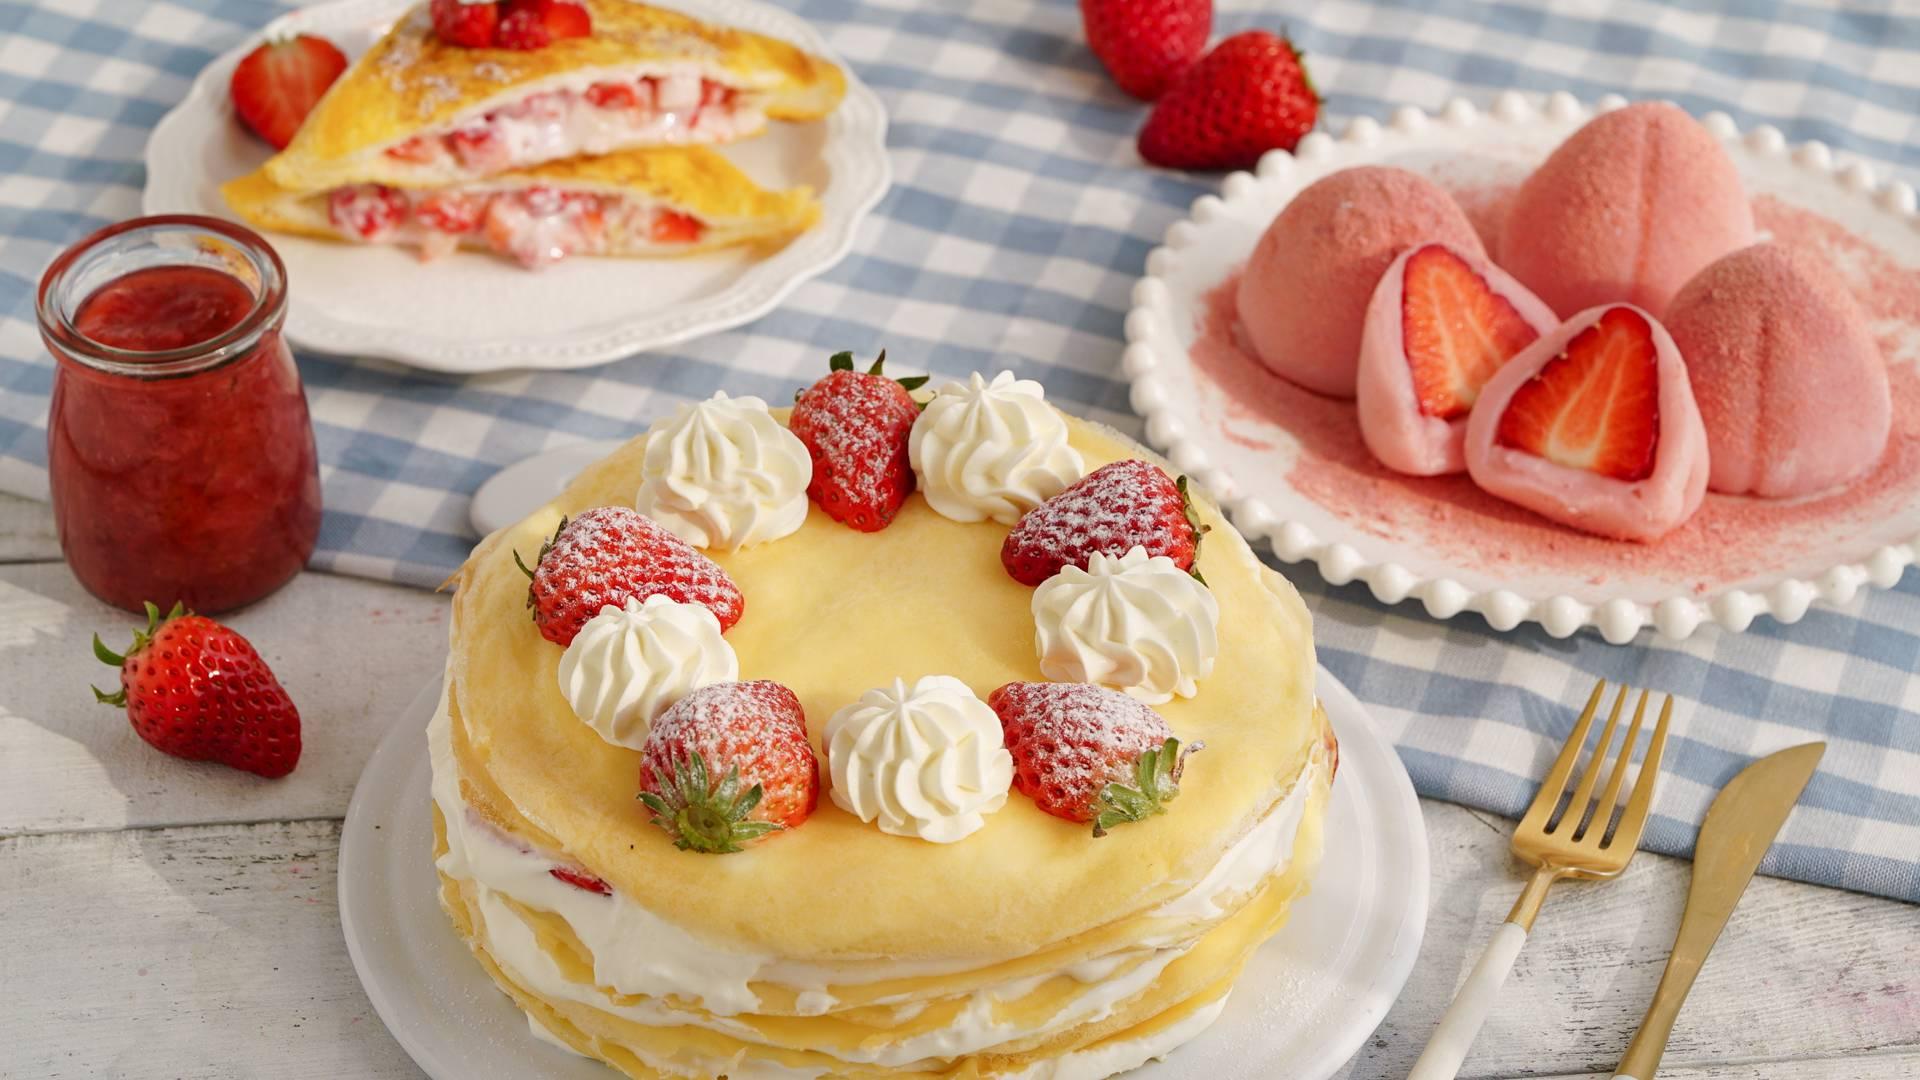 【草莓的N种神仙吃法】让你少女心炸裂!